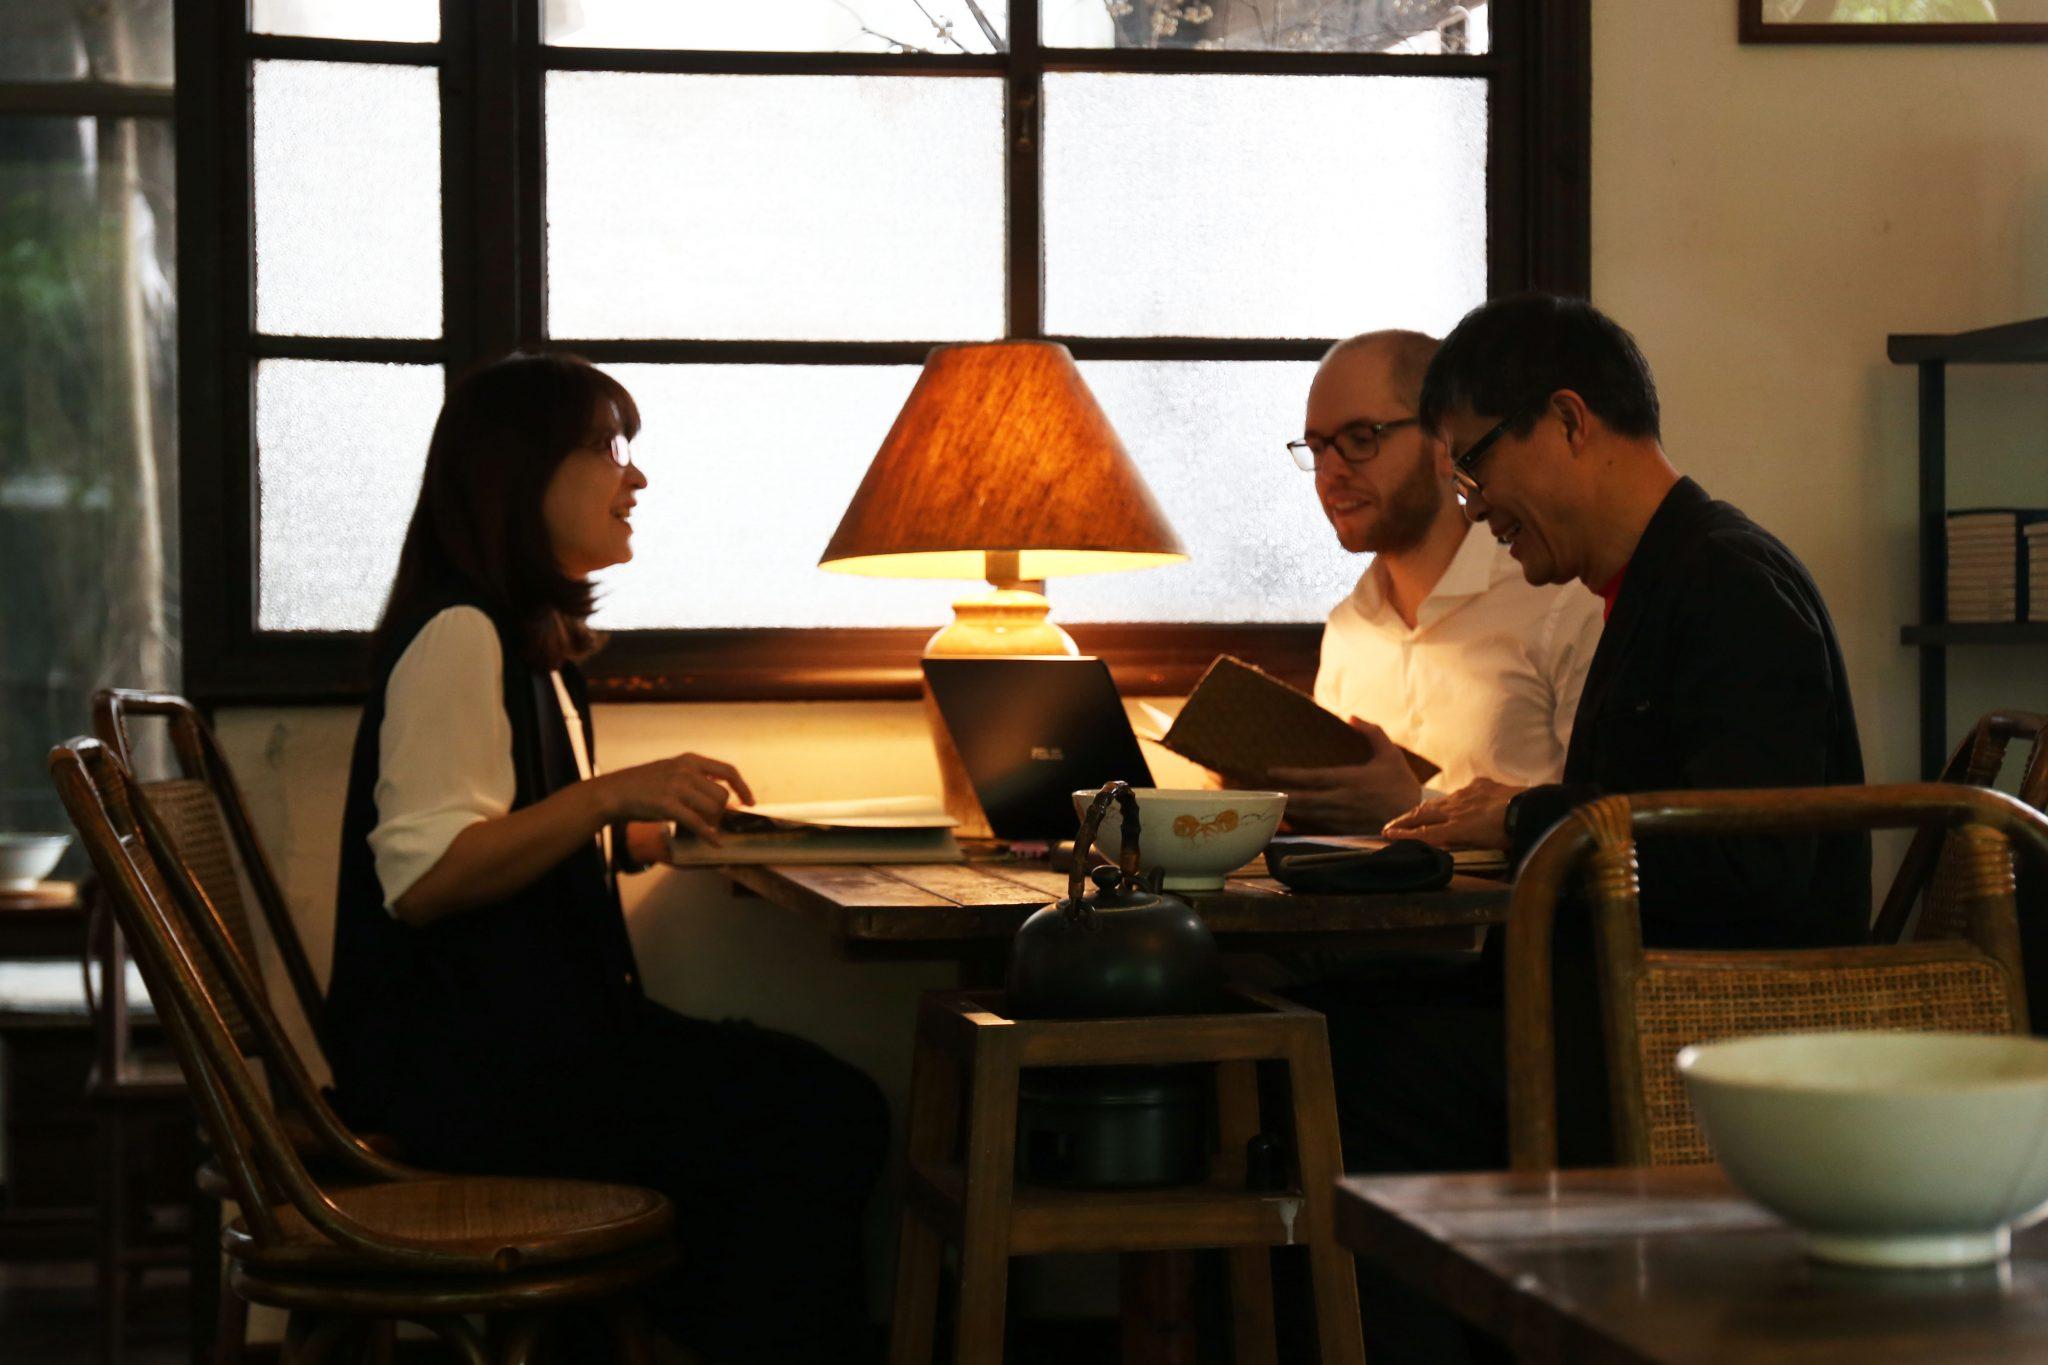 香港中文大學劉國英老師談哲學作為志業與跨文化研究